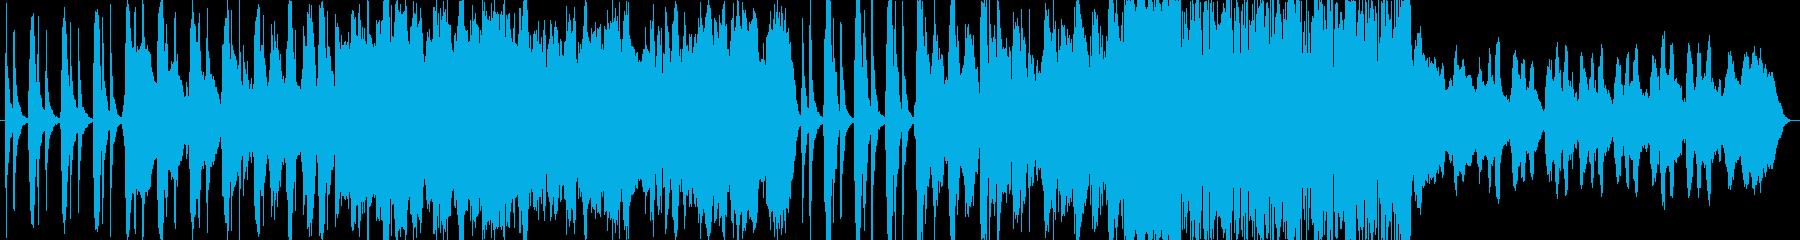 凛とした雰囲気の、弦楽四重奏です。の再生済みの波形